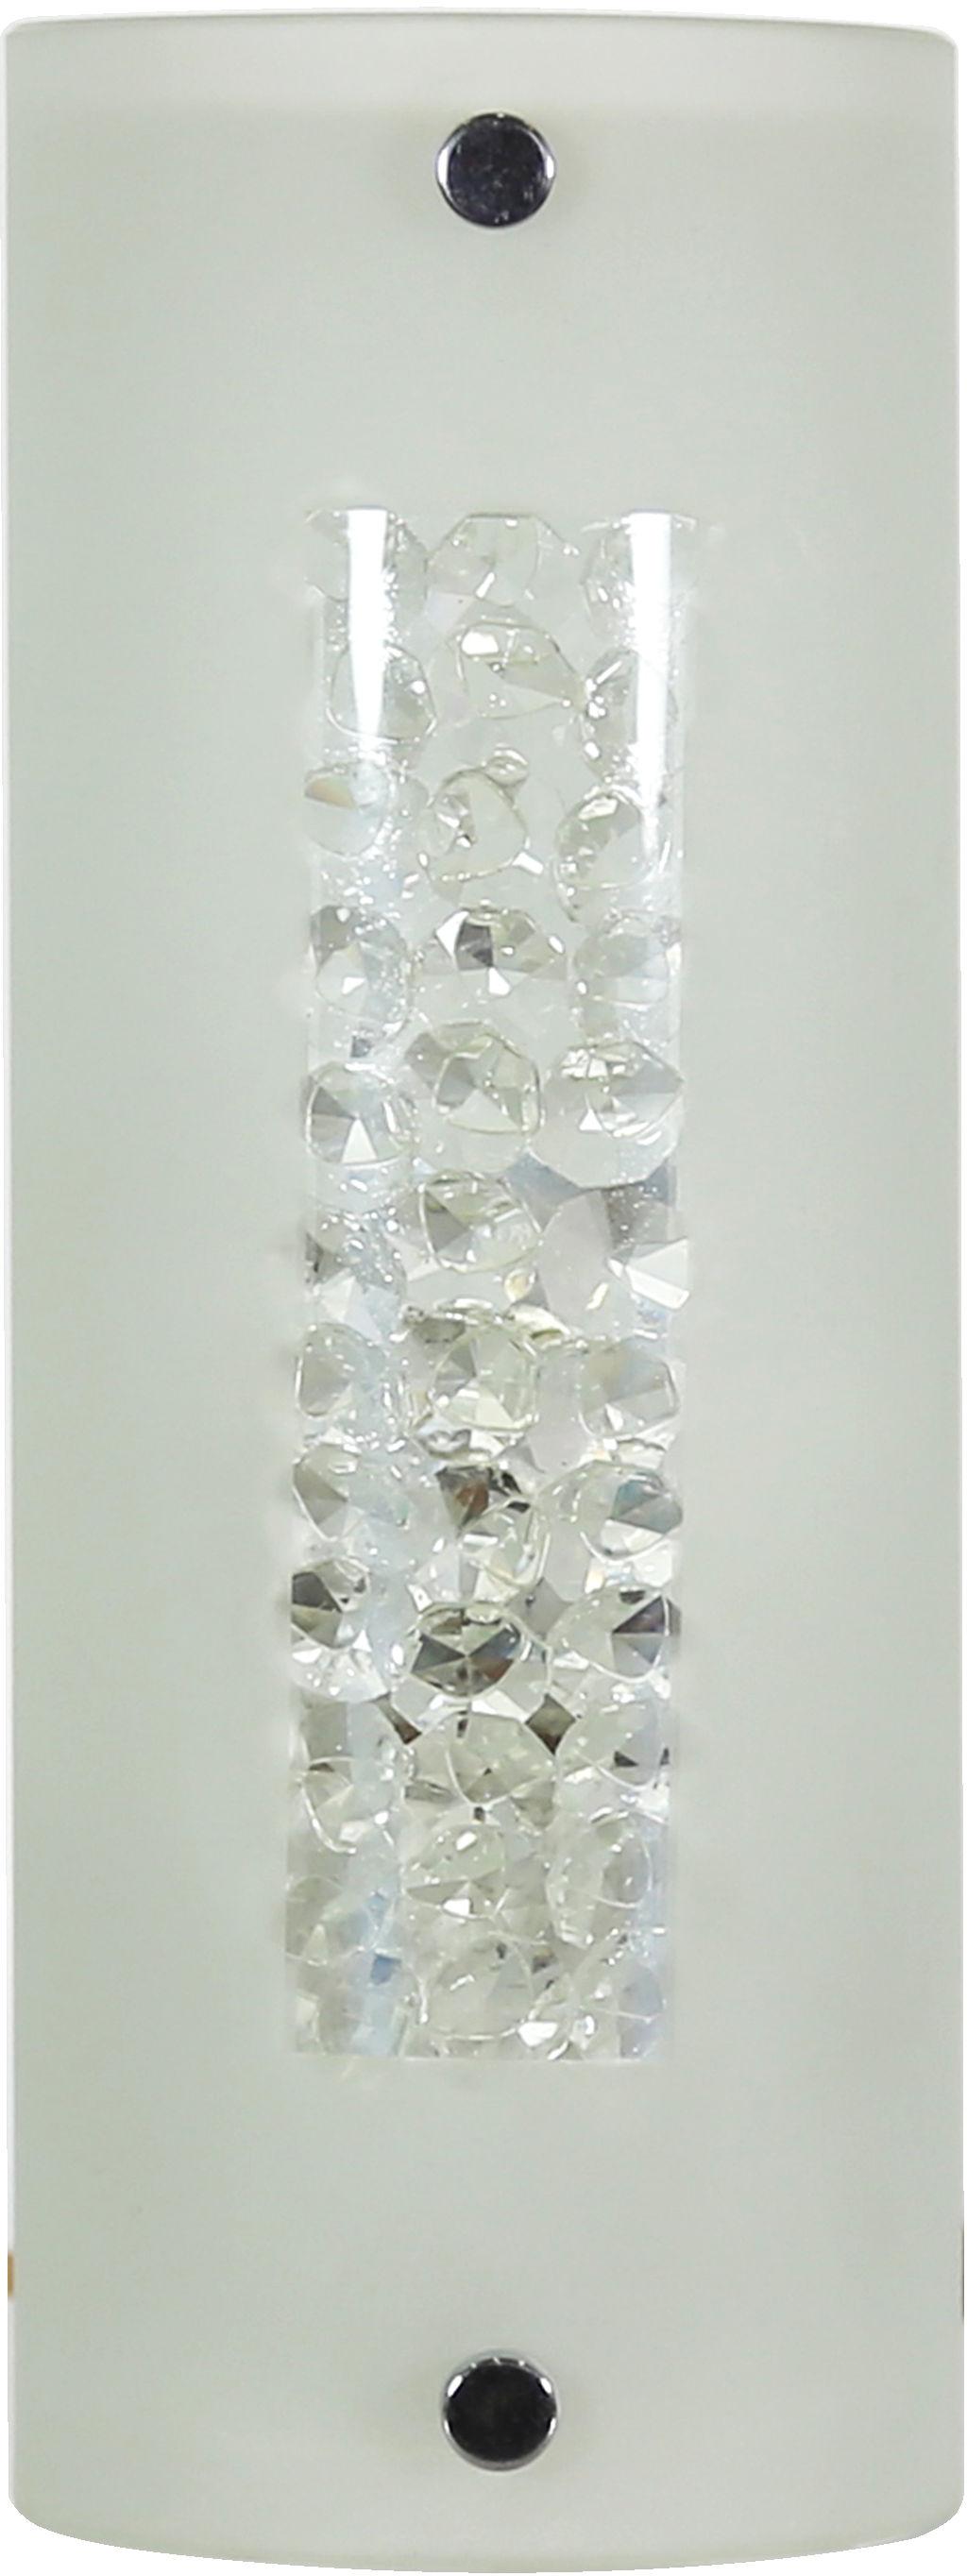 Candellux ABREGO 10-28600 plafon lampa sufitowa szklany klosz kryształki 1X60W E27 24cm